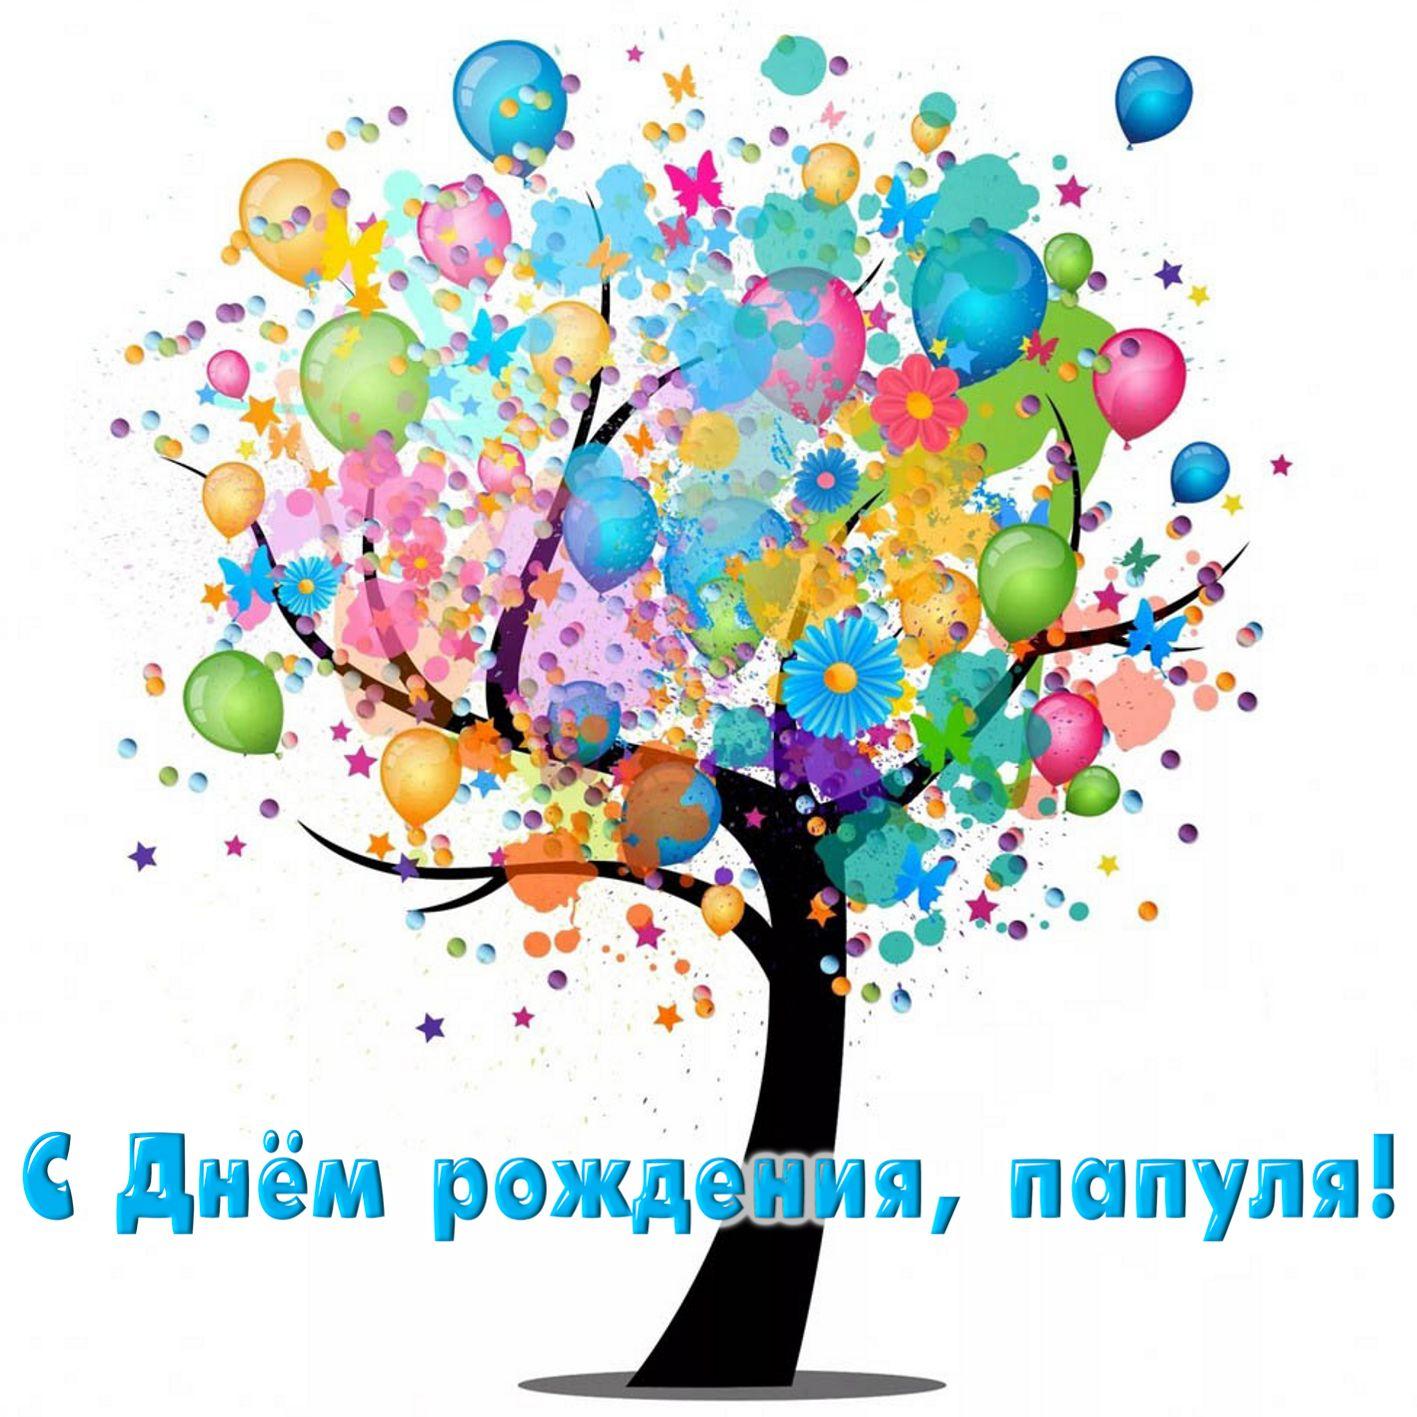 Открытка на День рождения папе - сказочное дерево с цветами и шариками